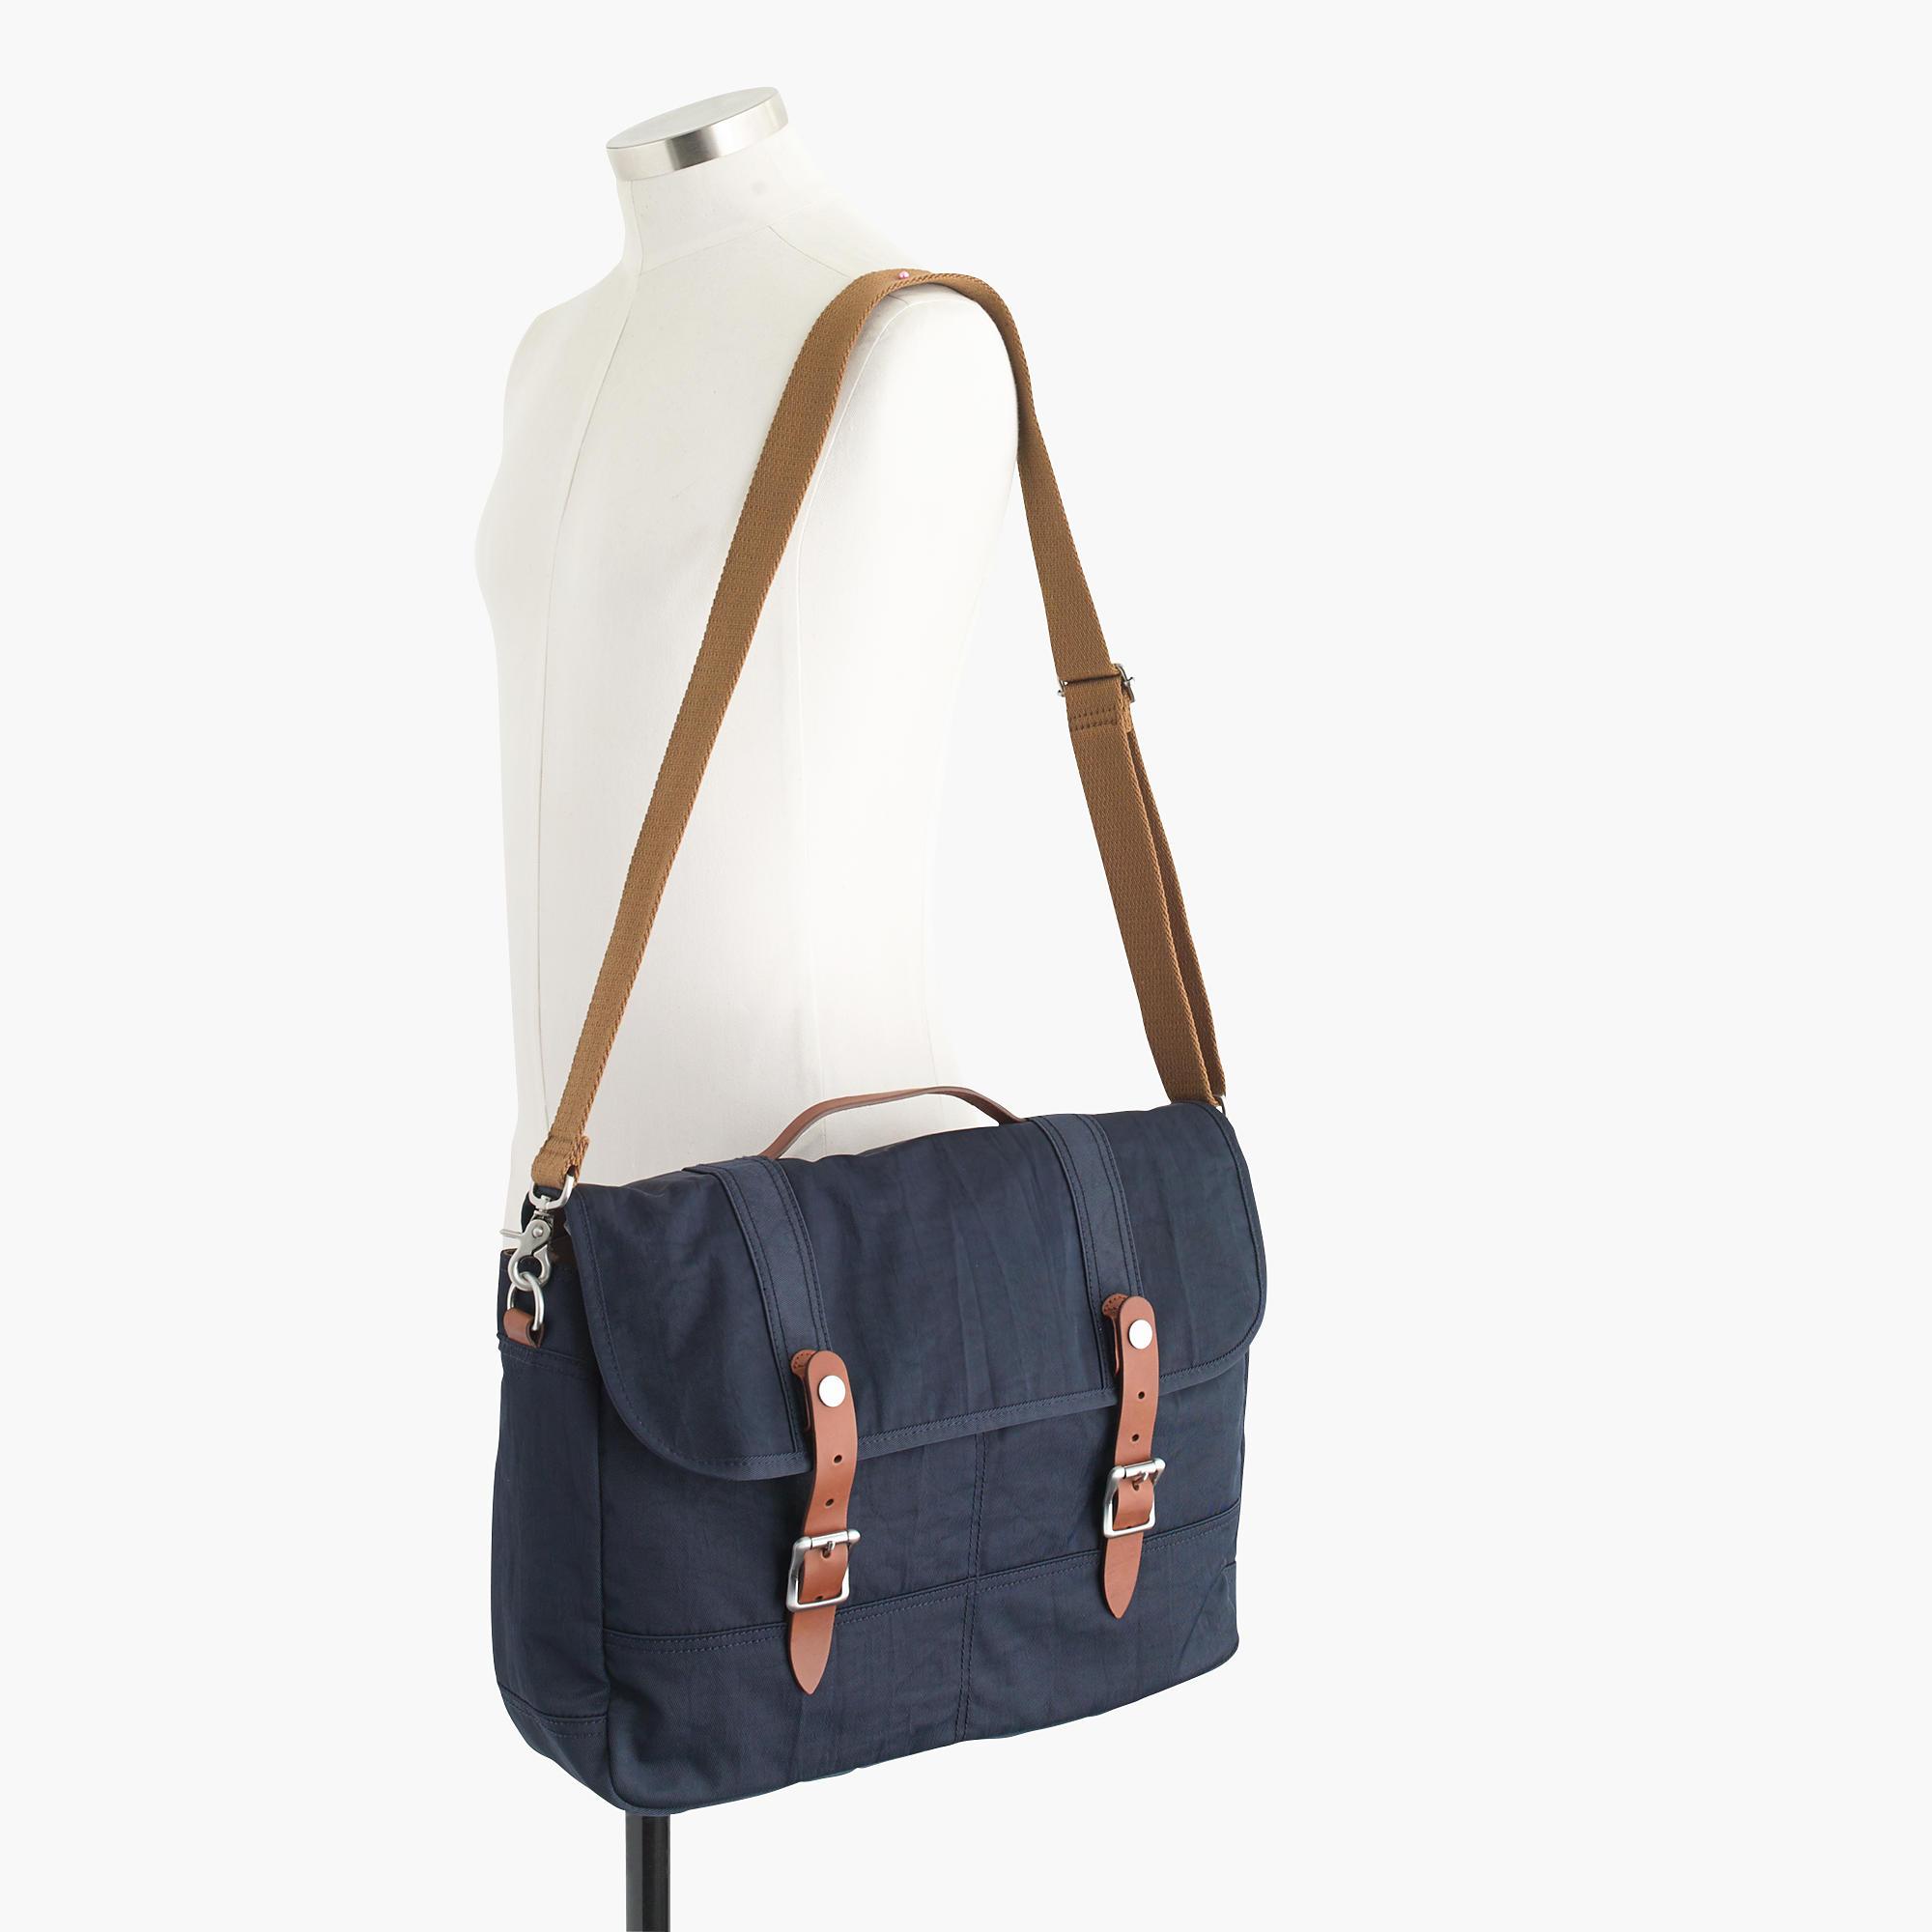 Harwick Messenger Bag : Men's Bags | J.Crew